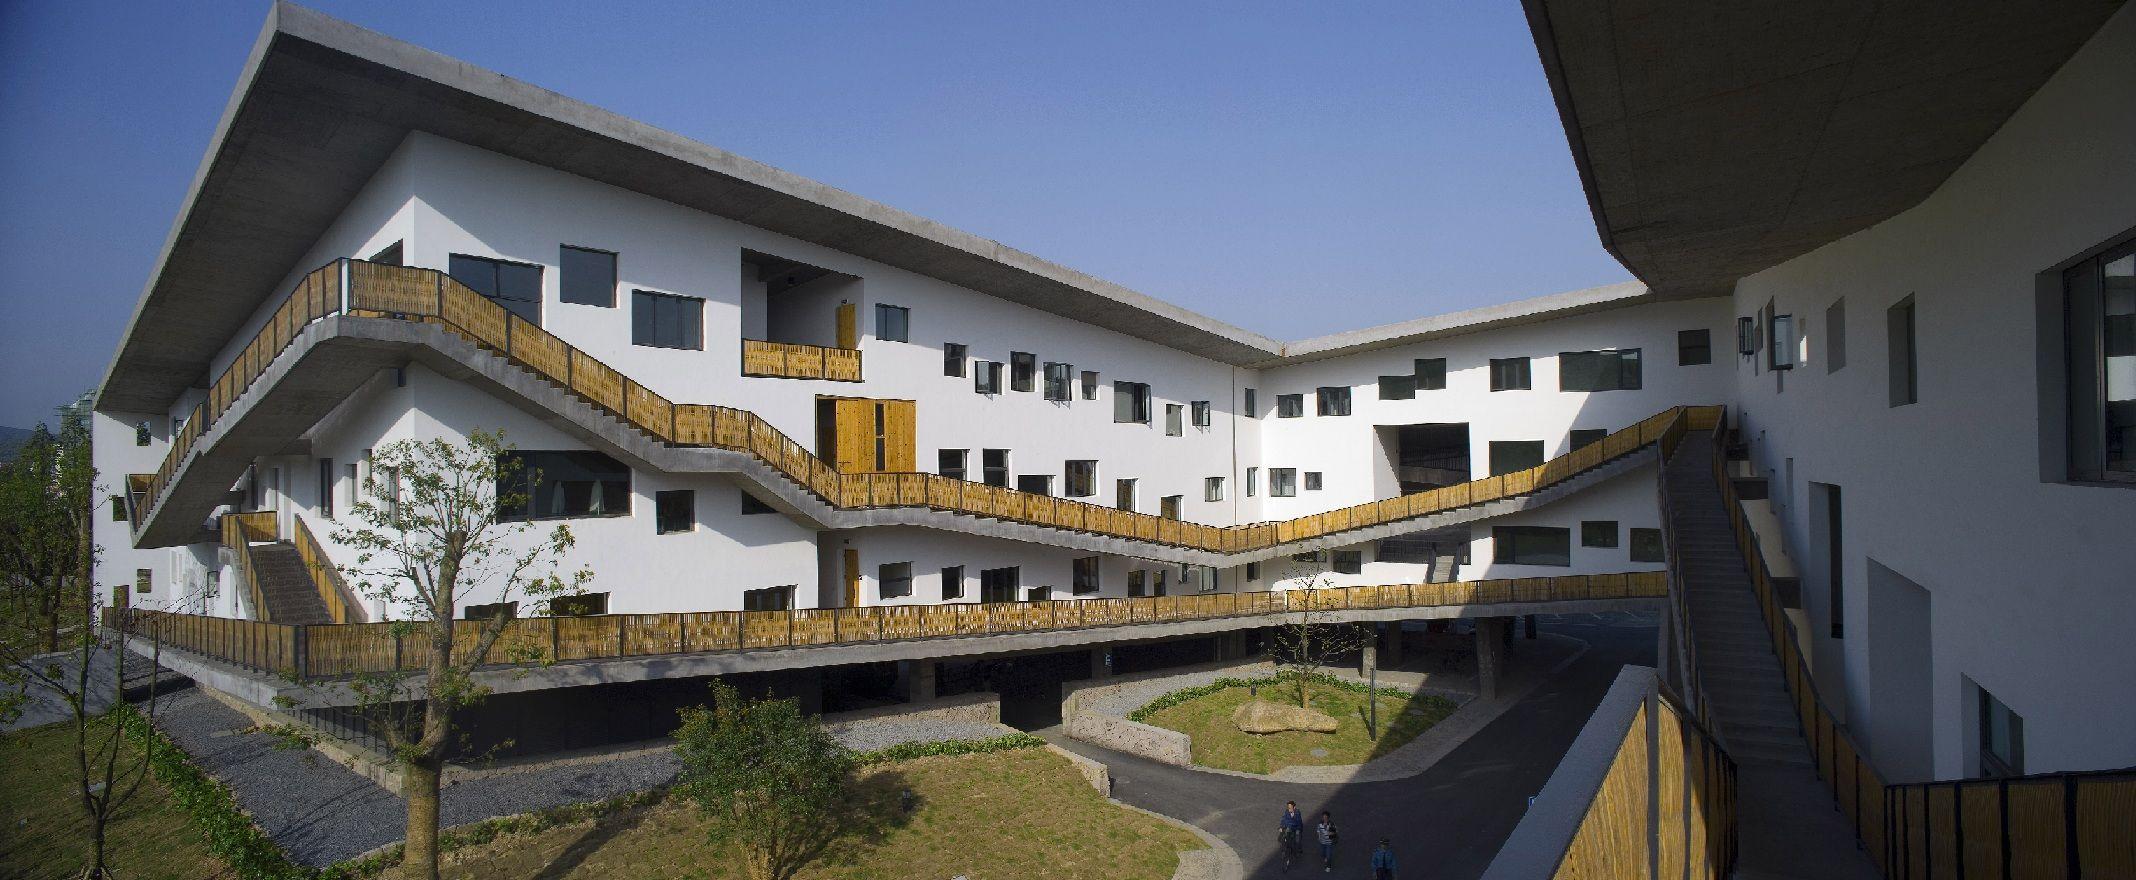 Рис.1: Кампус Китайской академии искусств